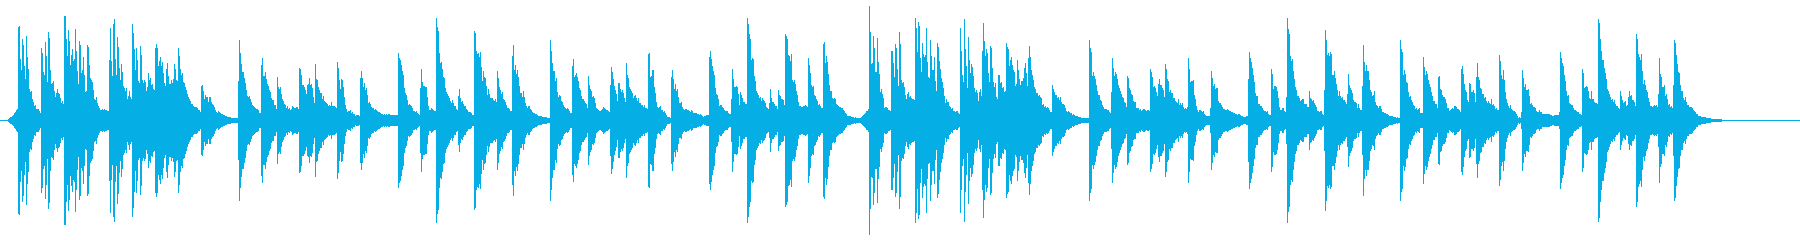 美しく深いピアノ曲の再生済みの波形